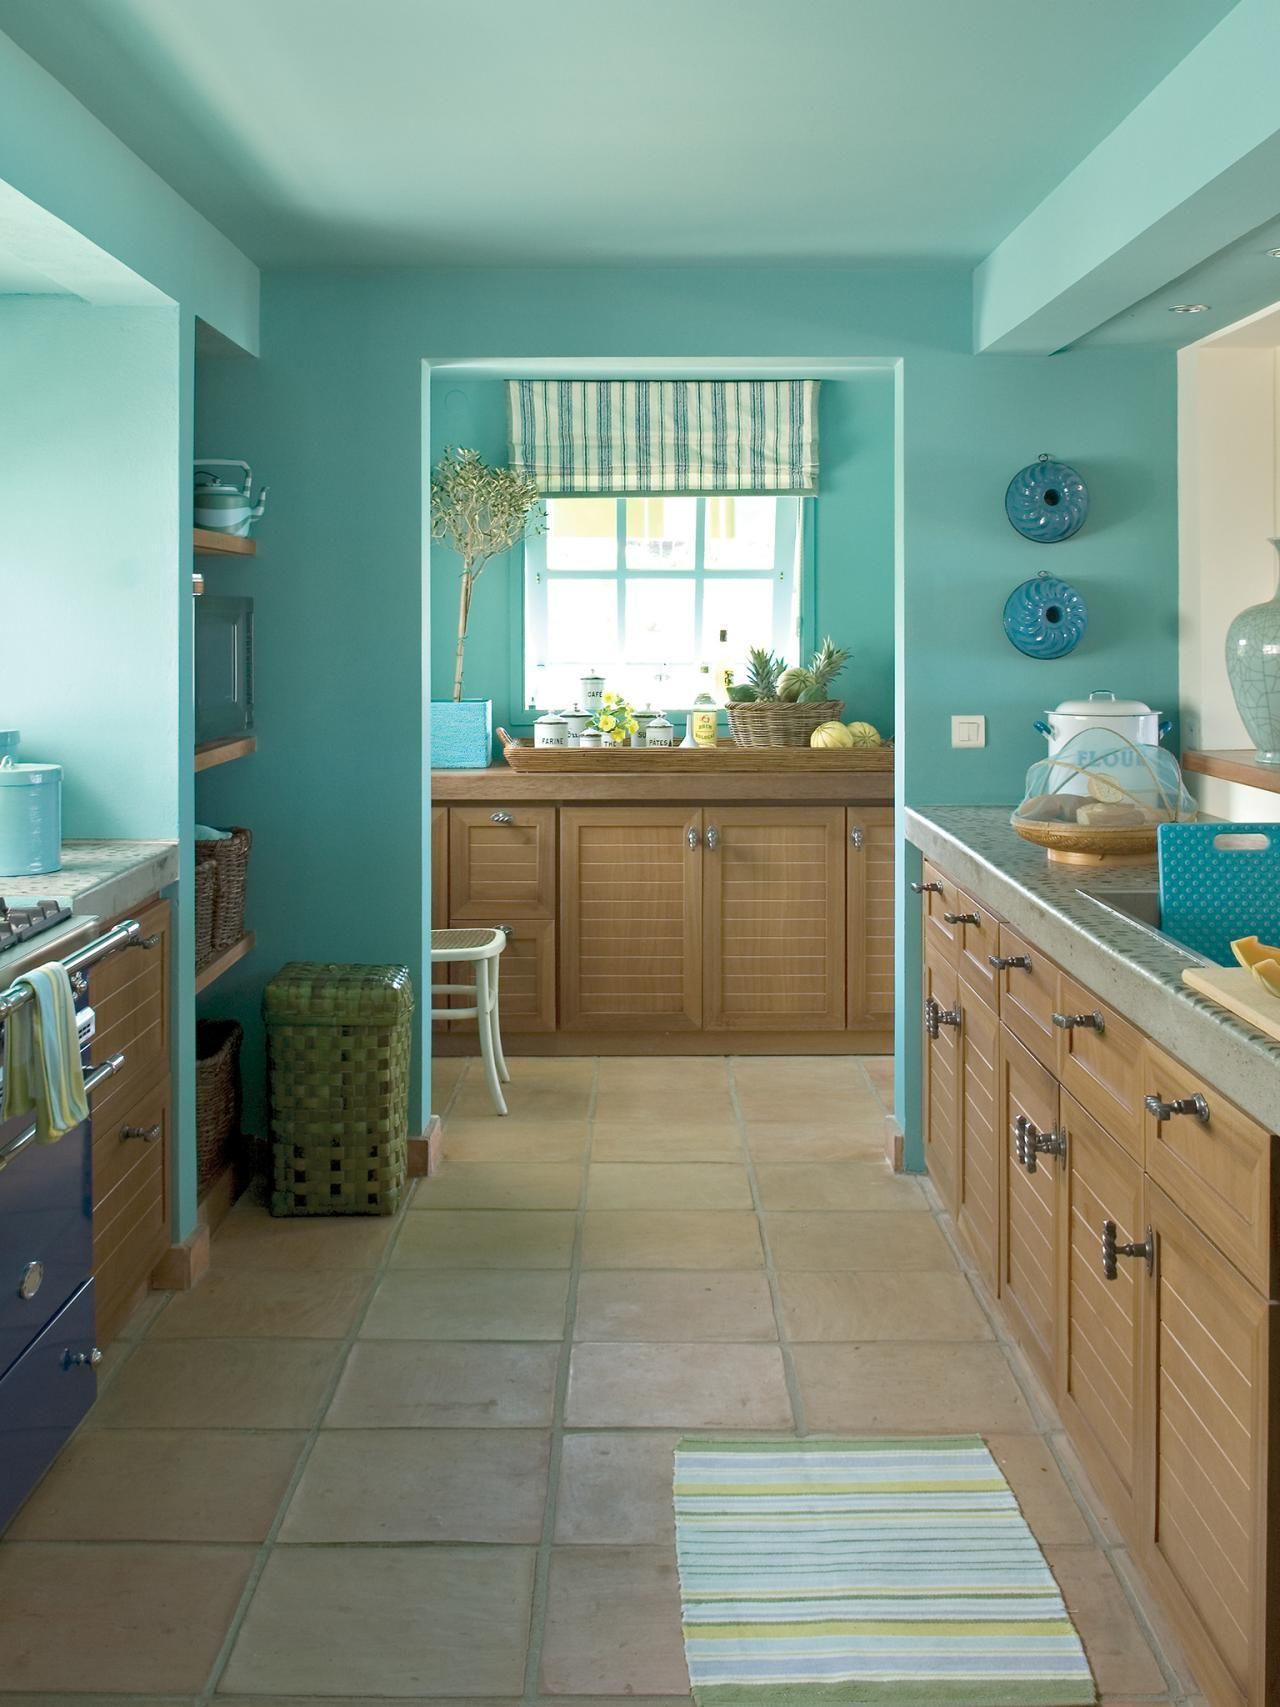 Farbideen Kleine Küche | Farbe In Der Küche So Wird S Wohnlich